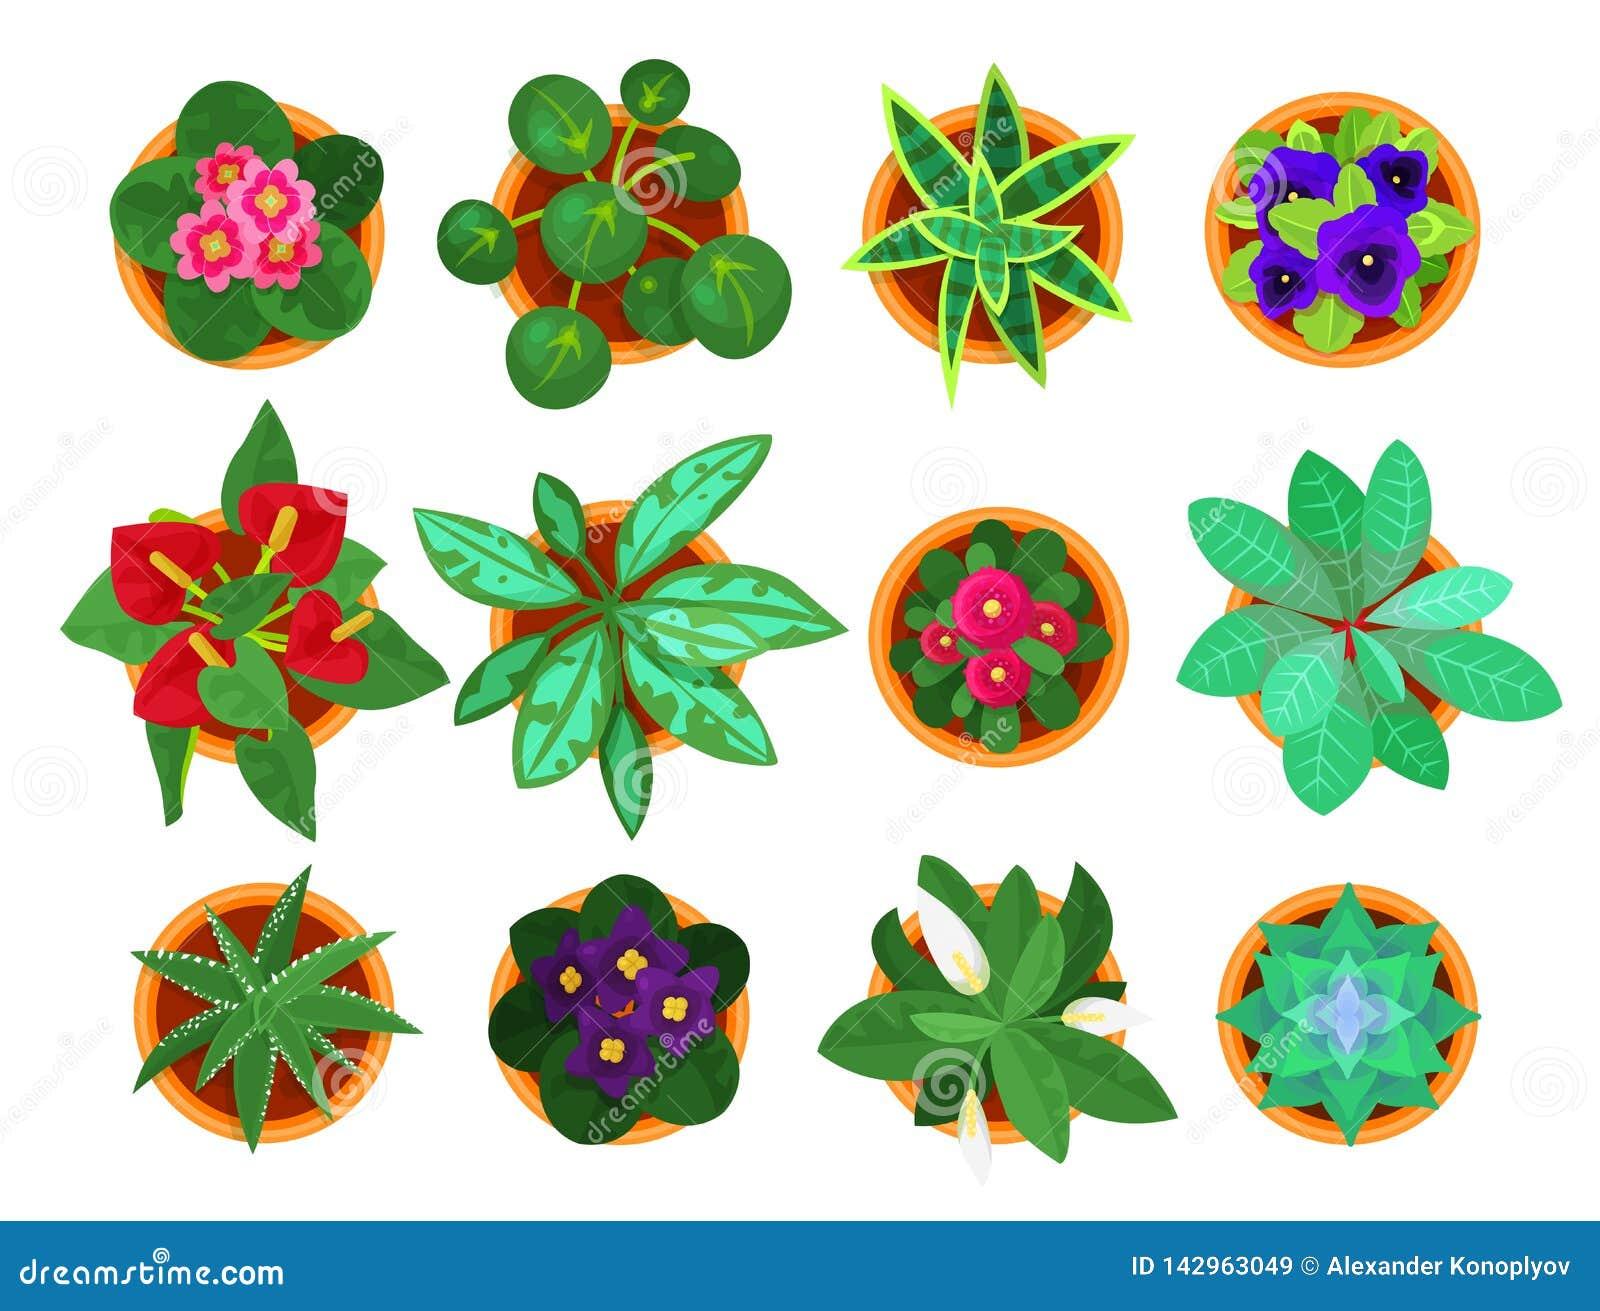 家庭植物顶视图集合,家庭内部的室内植物